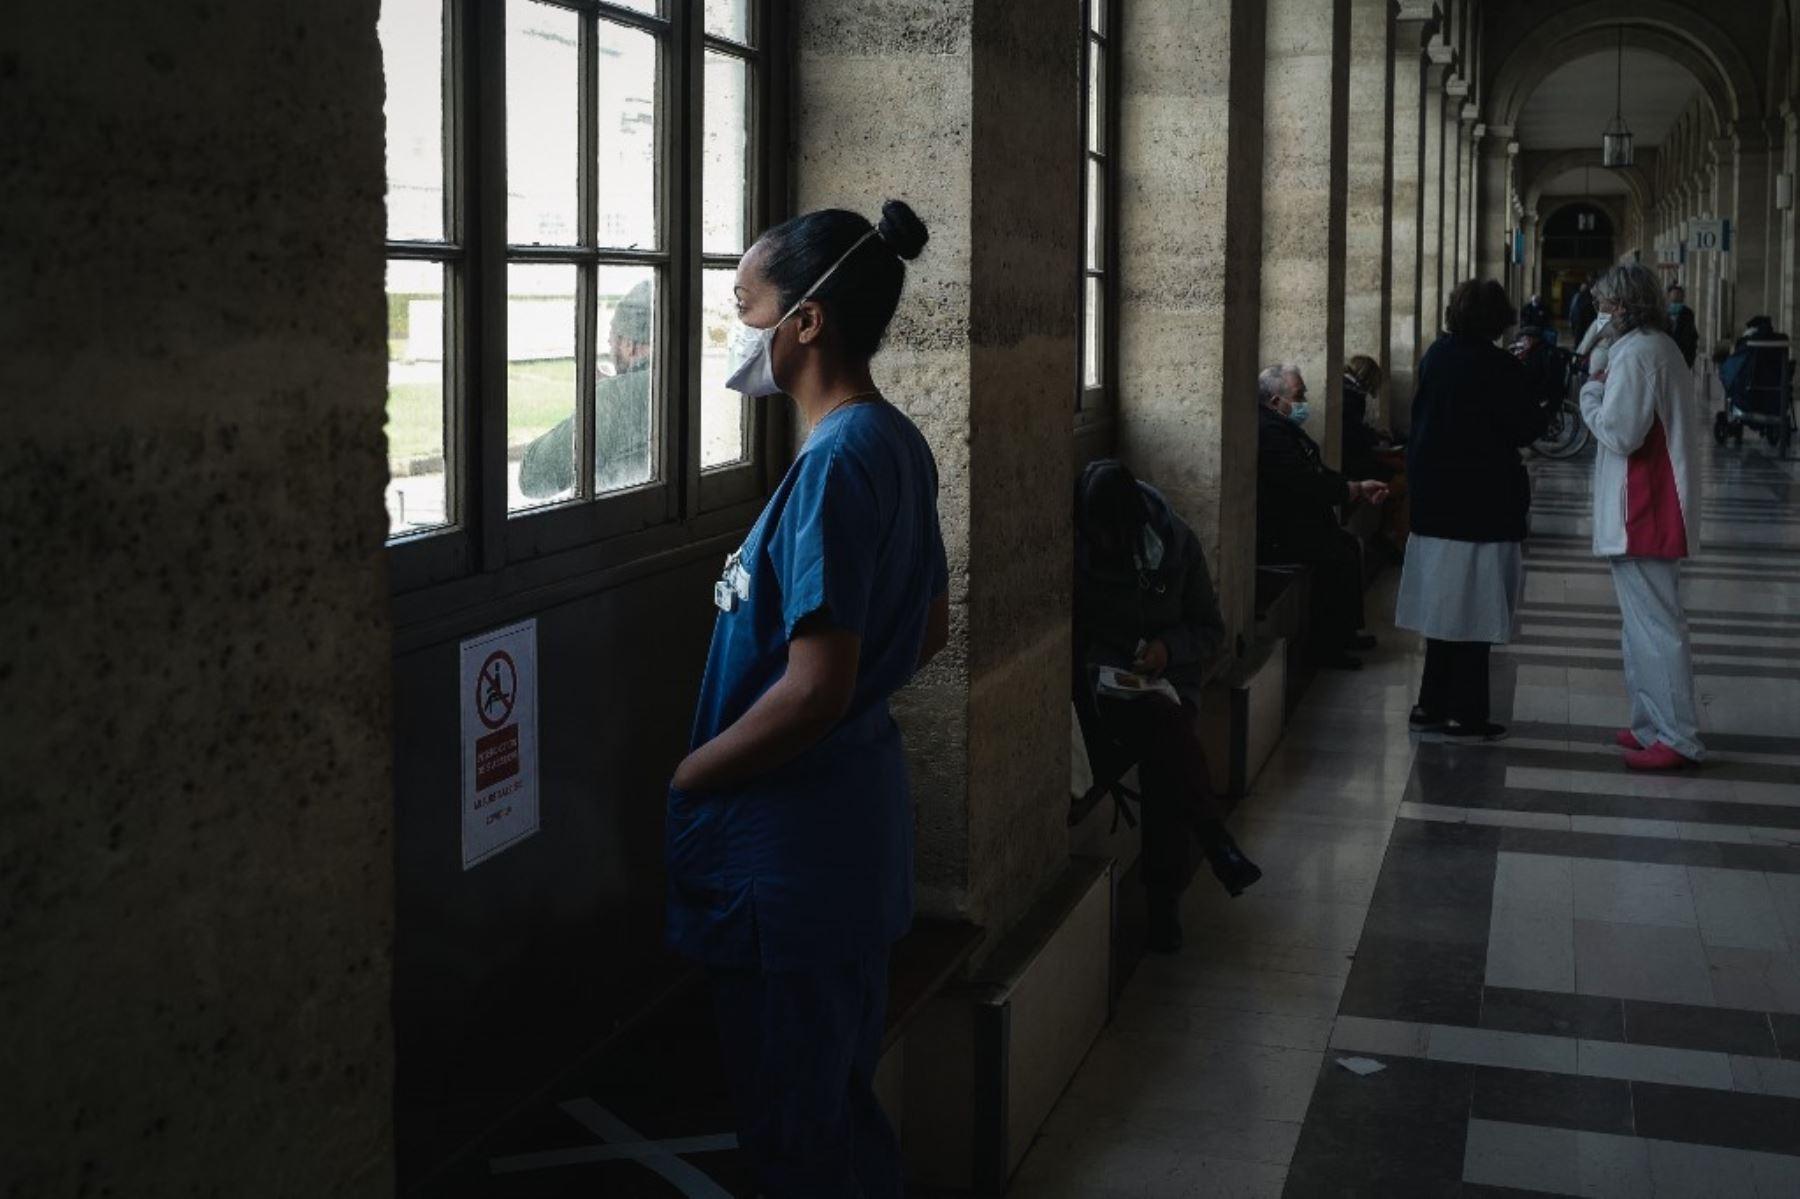 Una enfermera toma un descanso en el callejón principal del Hospital Lariboisiere de la AP-HP (Assistance Publique - Hopitaux de Paris) en París. Foto: AFP